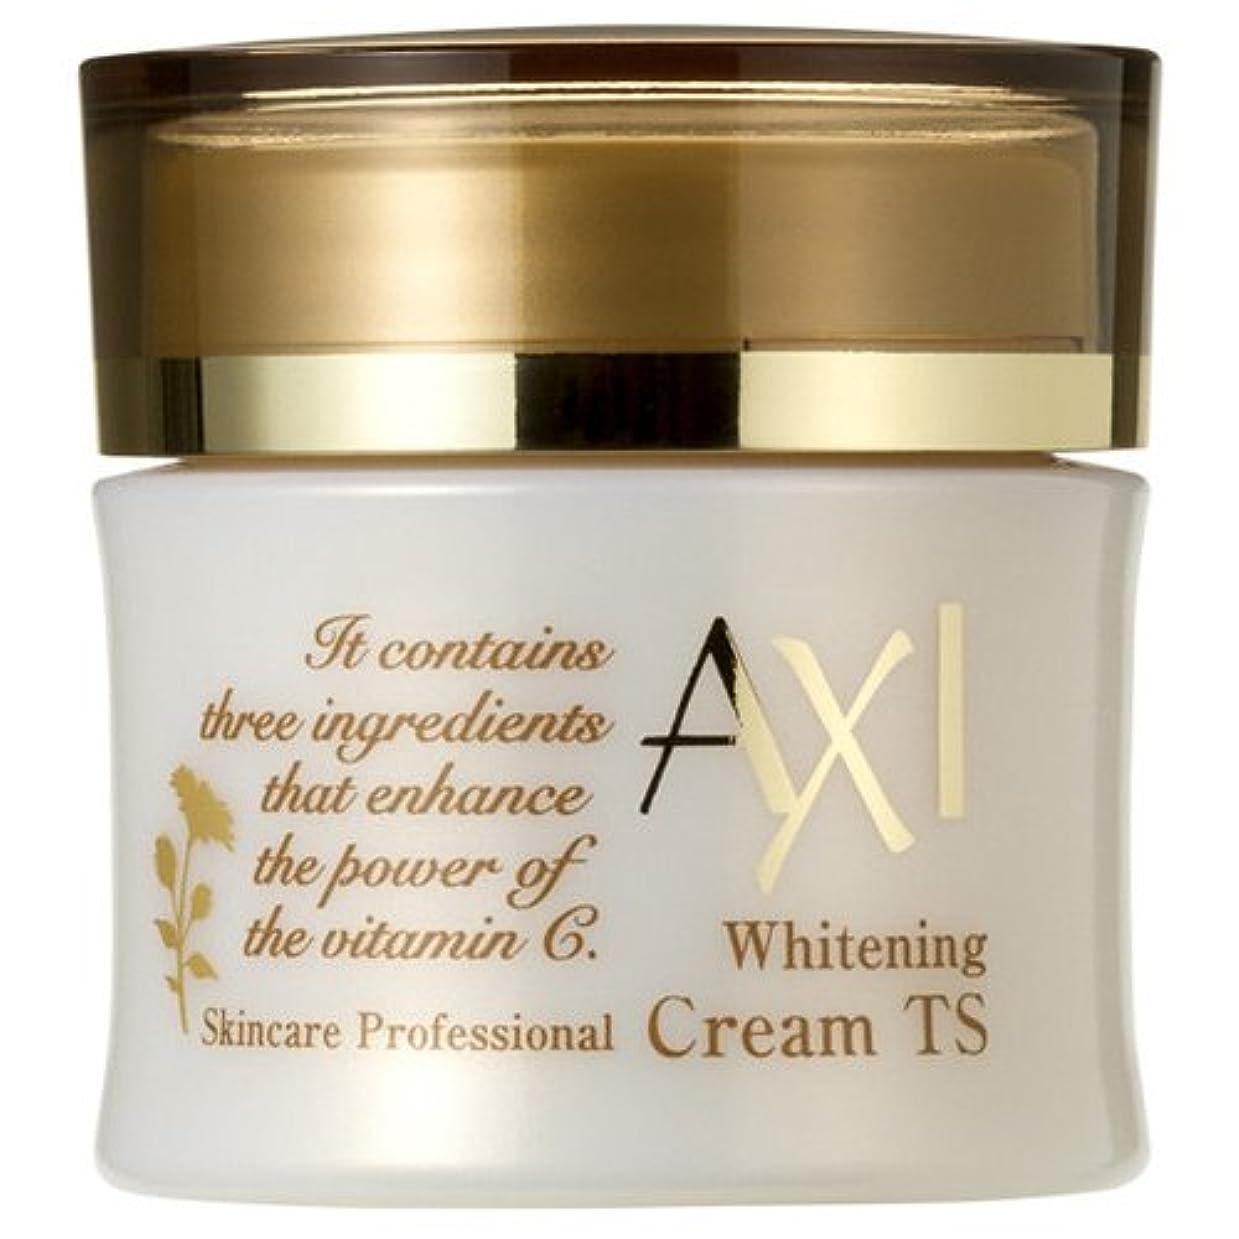 しなければならない言い直すグリーンランドクオレ AXI ホワイトニング クリーム TS 35g 医薬部外品